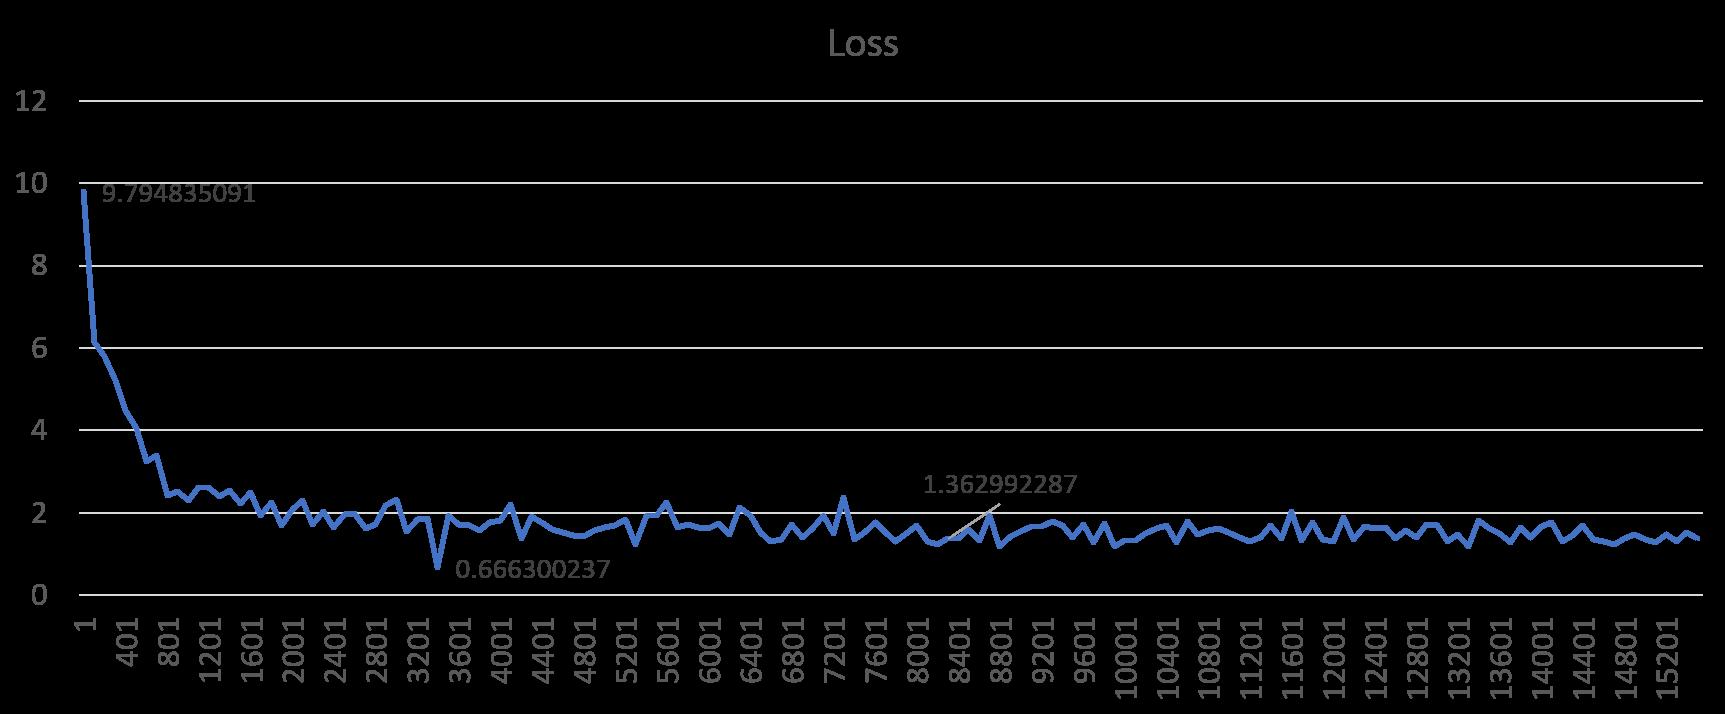 Loss_130k_optimal_lr.png